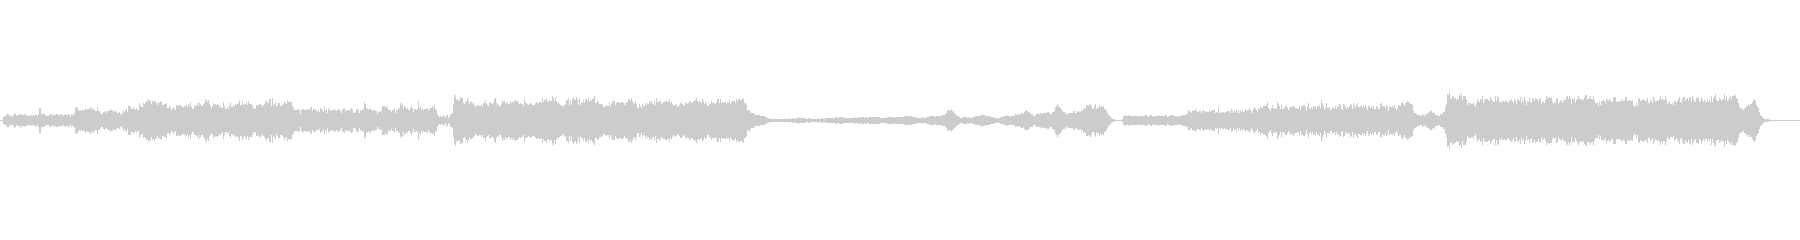 壮大なバトルミュージック-24LUFSの未再生の波形